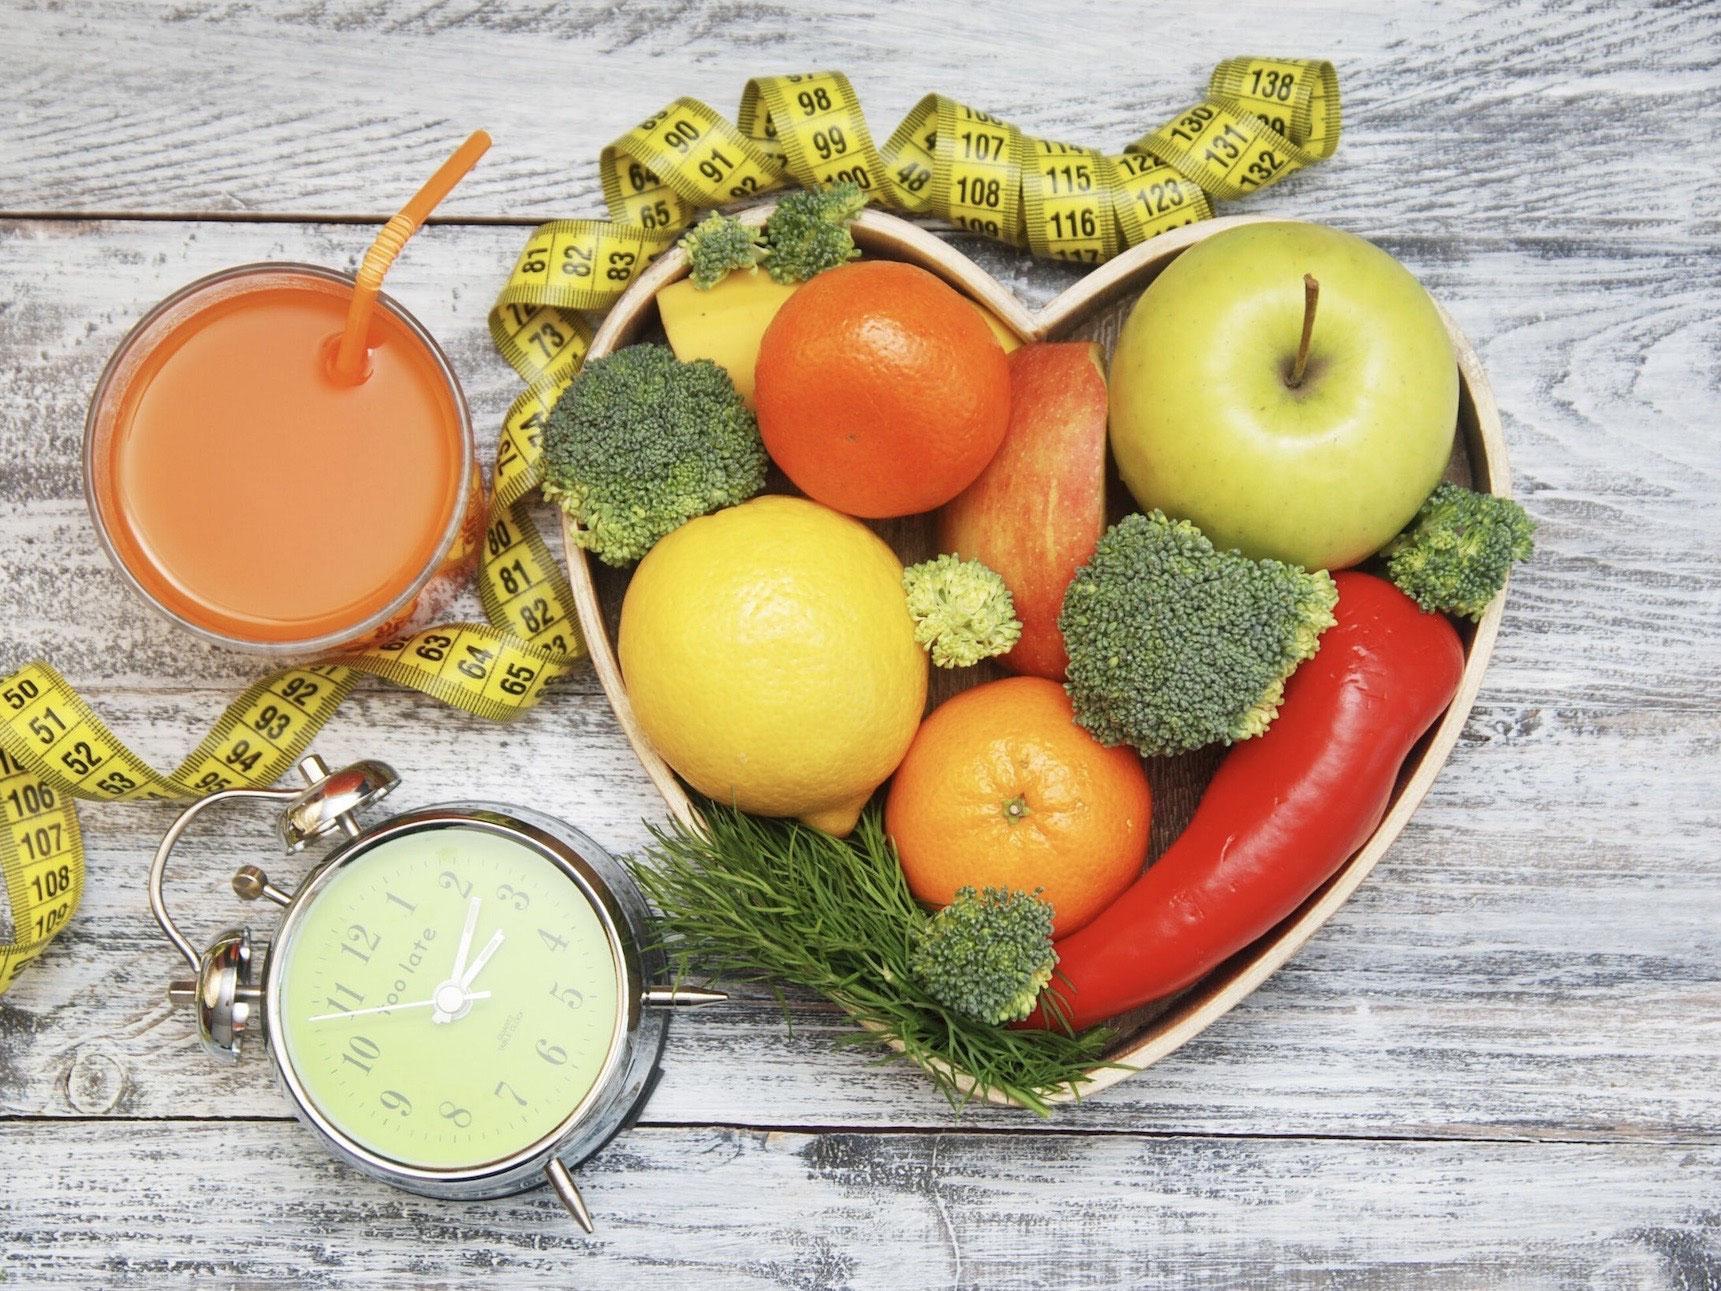 Wie man Agar Agar nimmt, um Gewicht zu verlieren